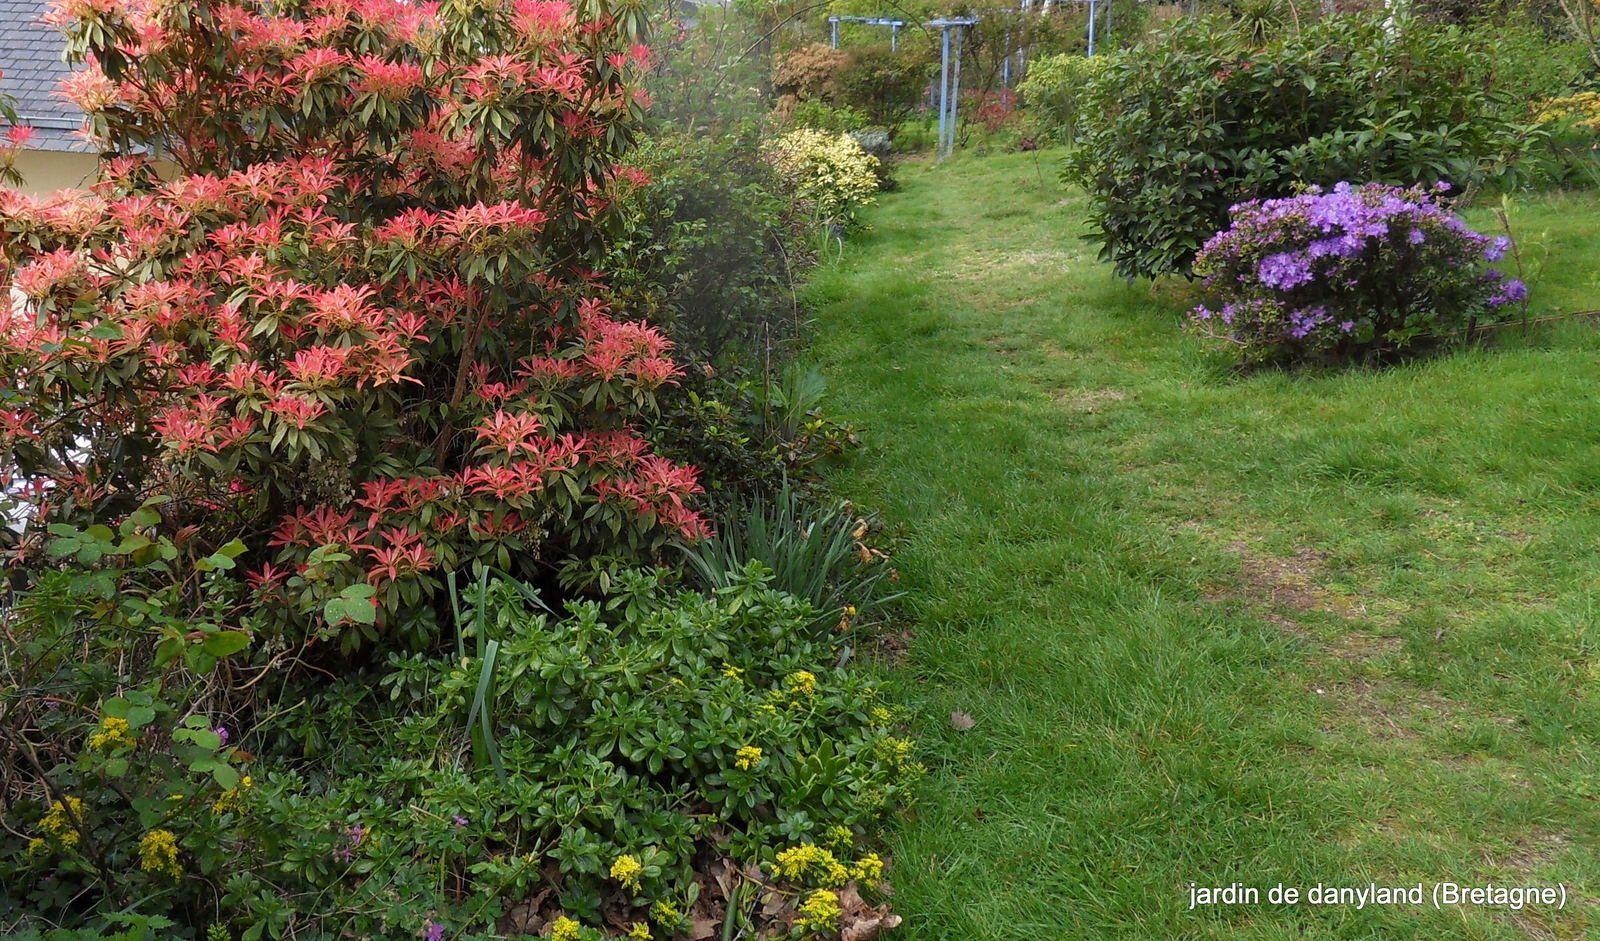 le jardin commence à prendre de belles couleurs !!!